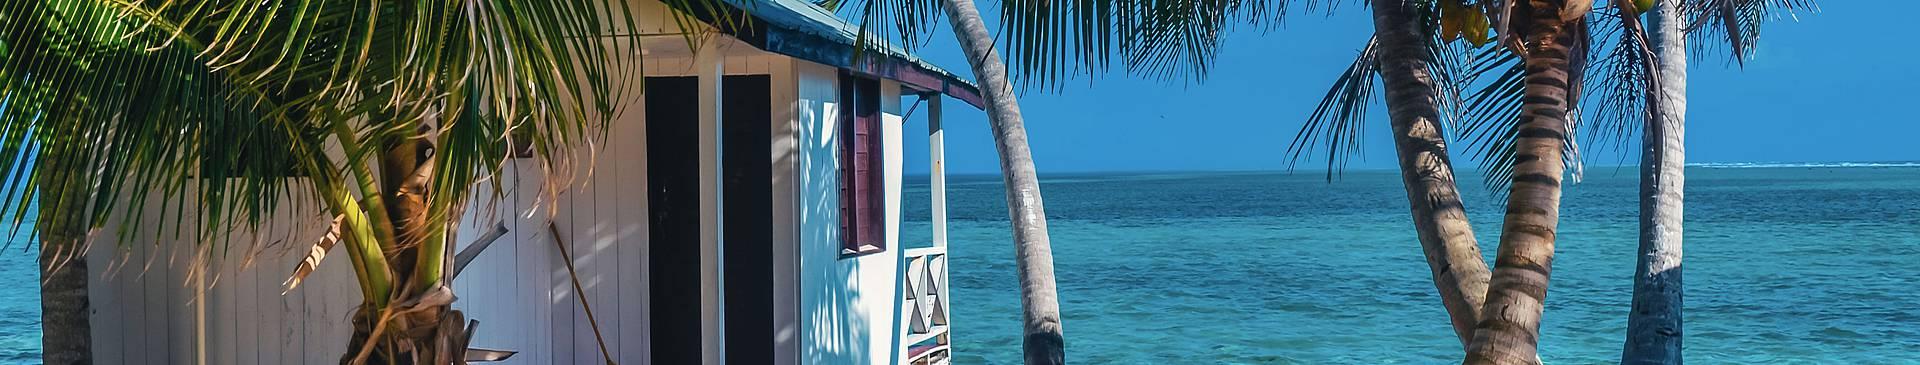 Découverte des îles du Belize